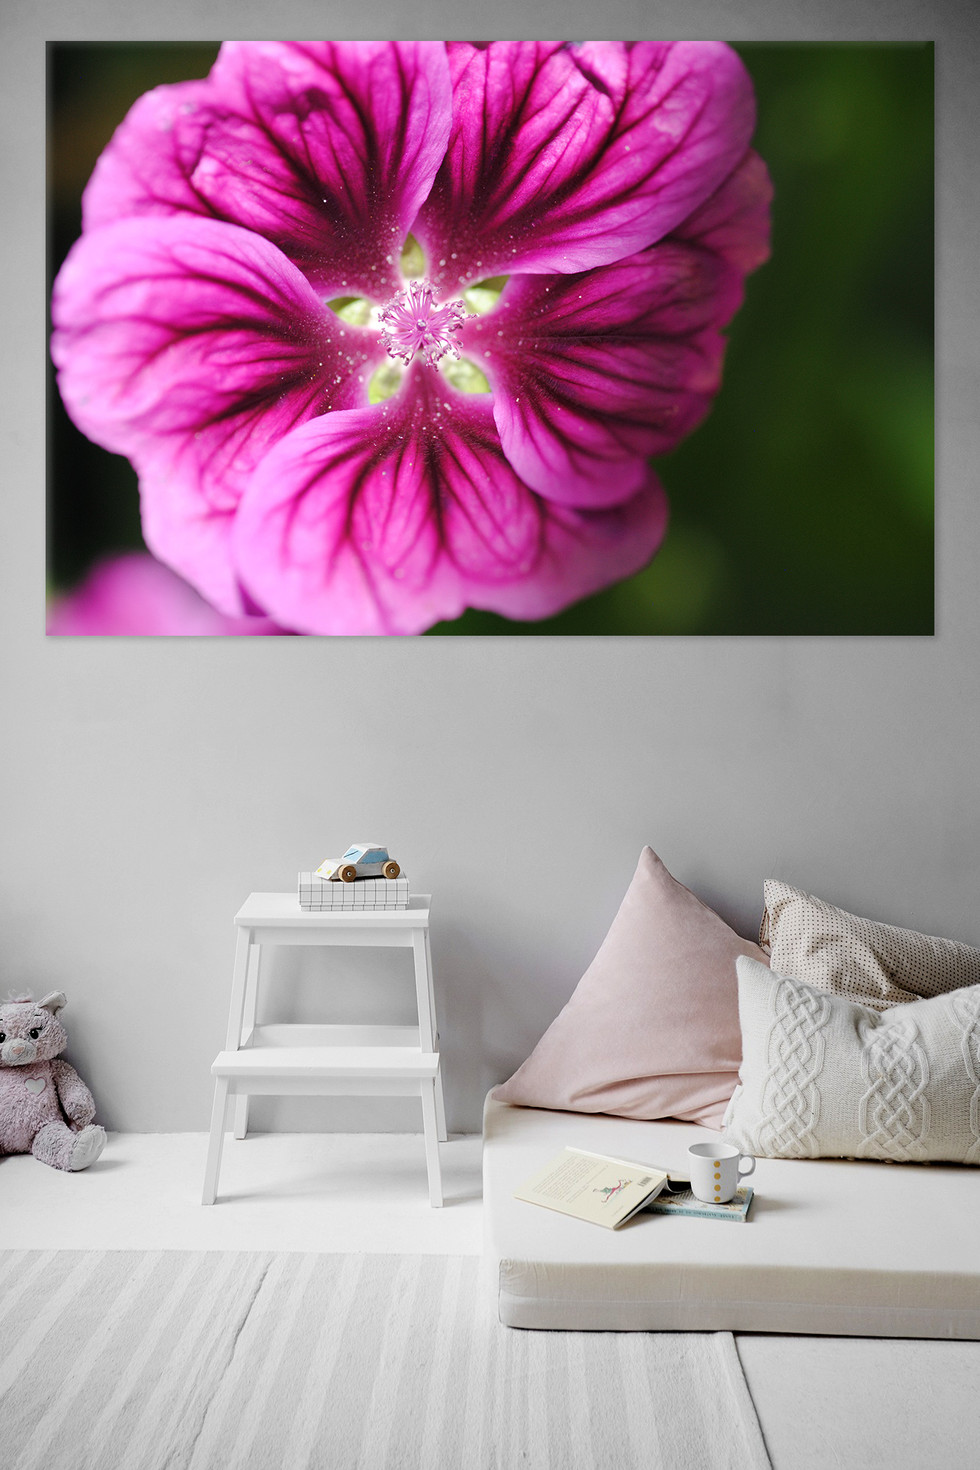 Floral Fission - 40 x 30 - $225